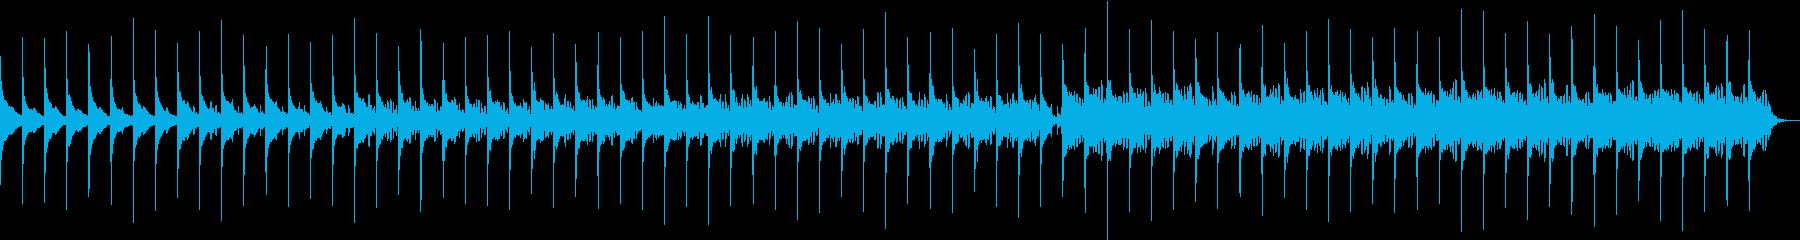 リズムが時を刻む静かなエレクトロニカの再生済みの波形